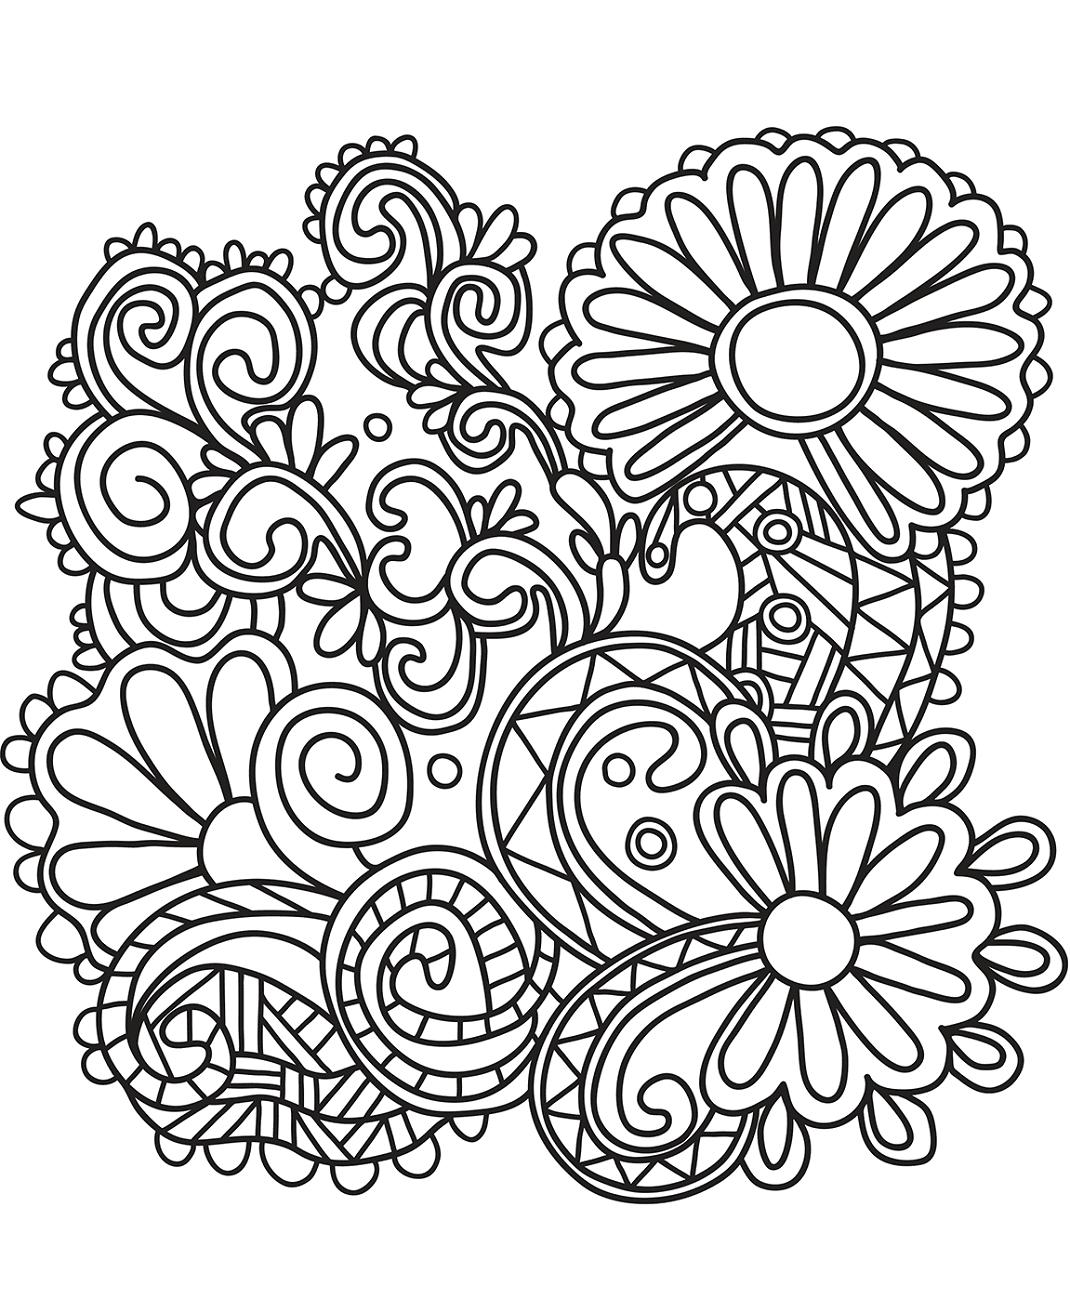 Sunflowers Doodle Art